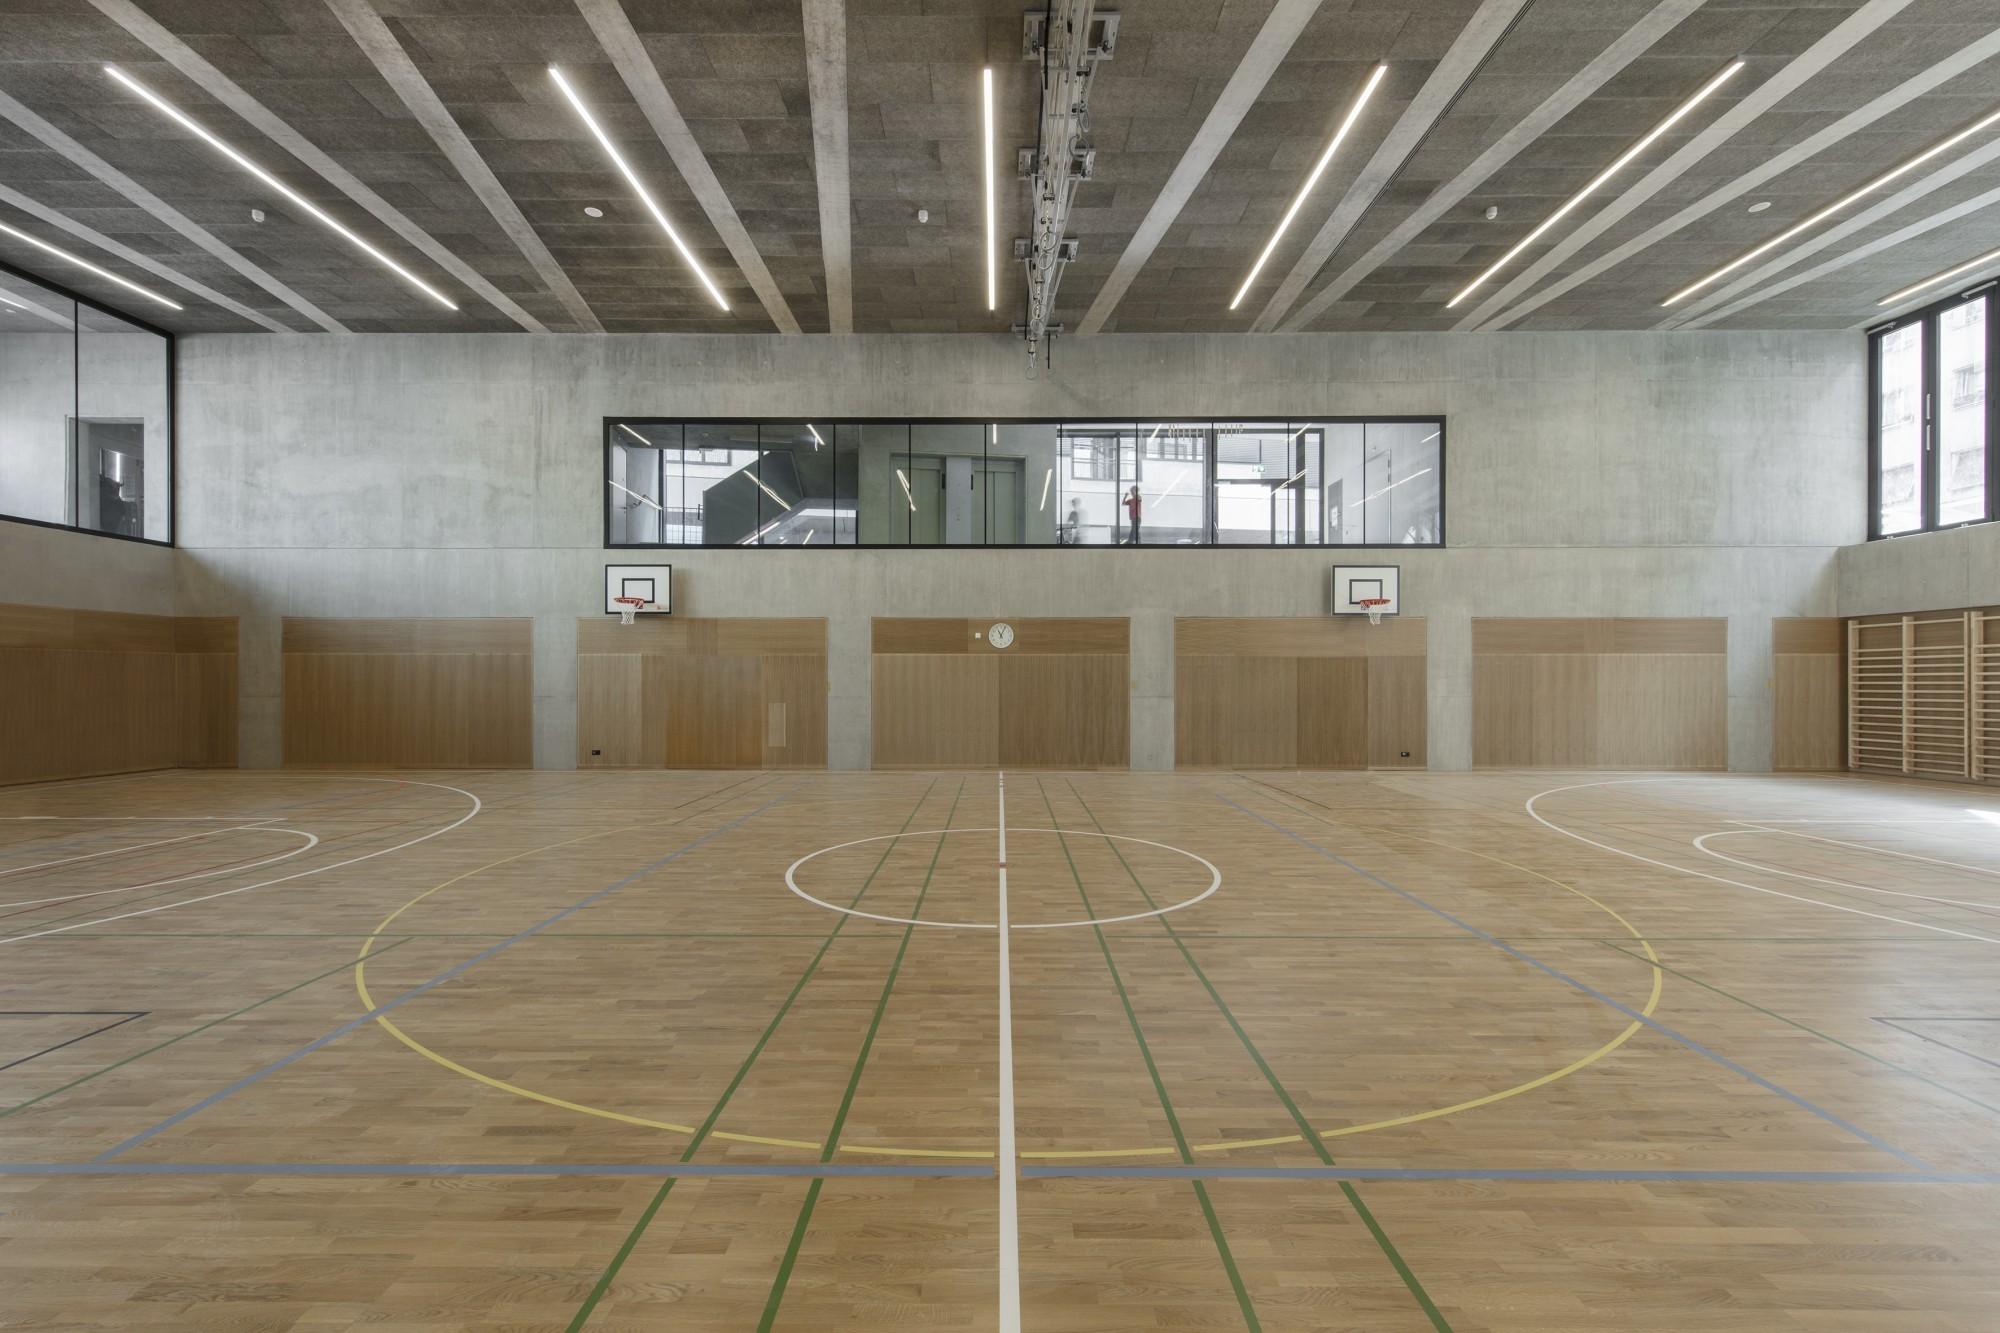 Bâtiment d'équipements publics boulevard St-Georges 21 Genève, salle de sports